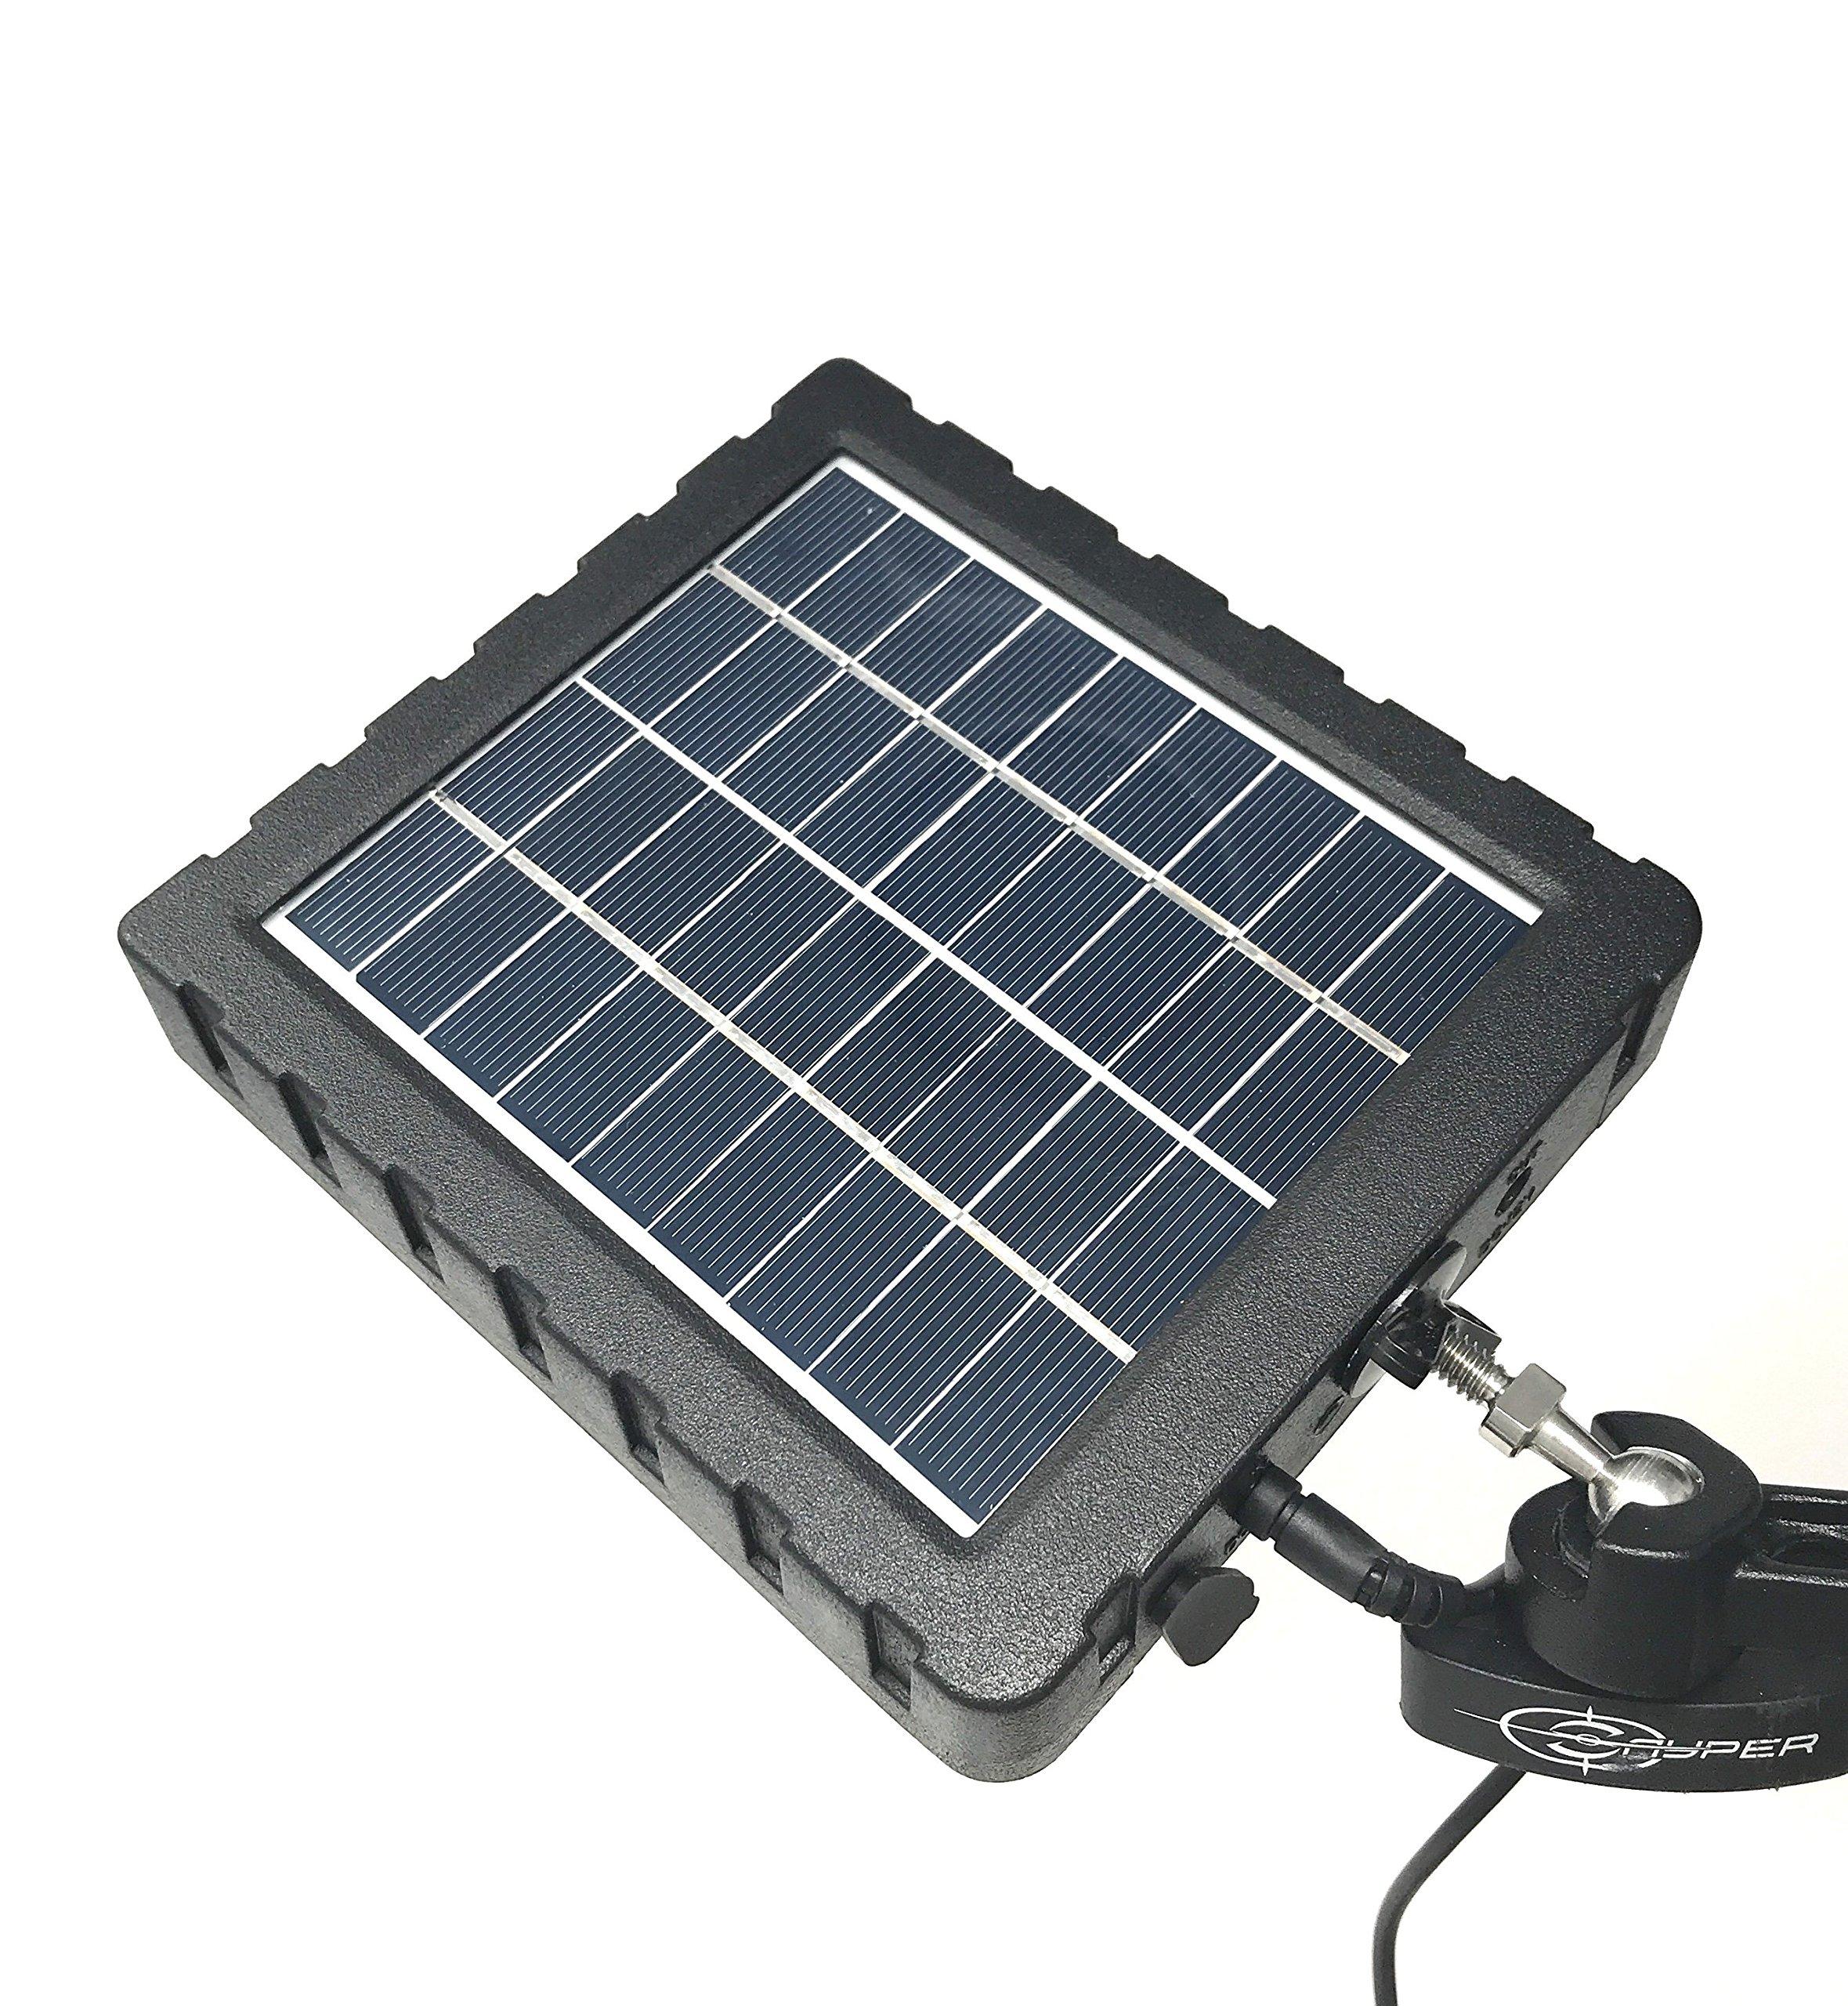 Snyper Hunting Solar Kit for Commander 3G (Black, Standard) by Snyper Hunting